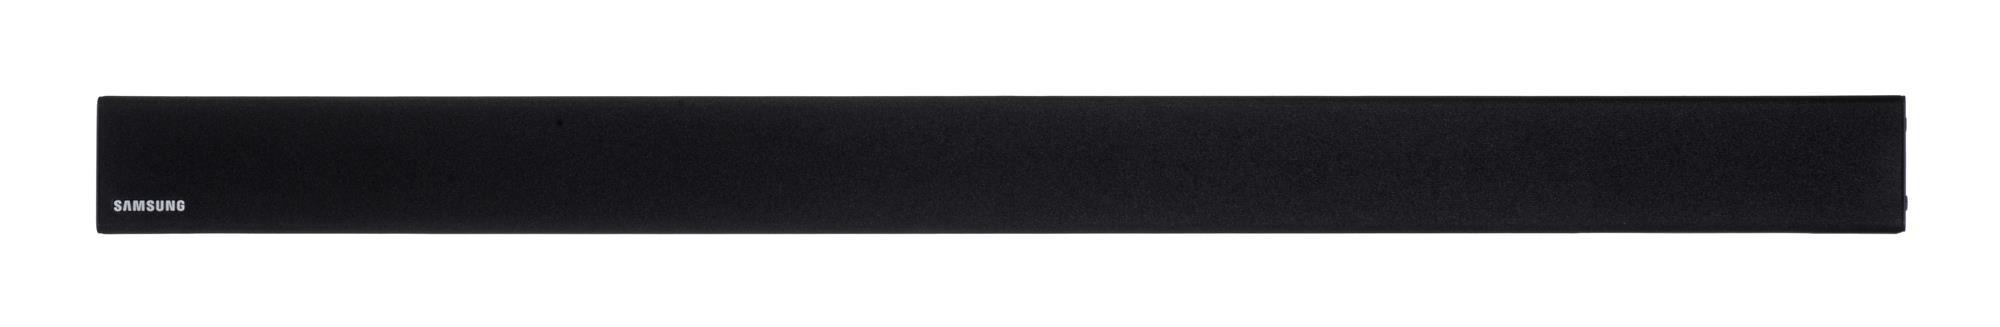 Soundbar Samsung HW-R450/EN (black color) mājas kinozāle